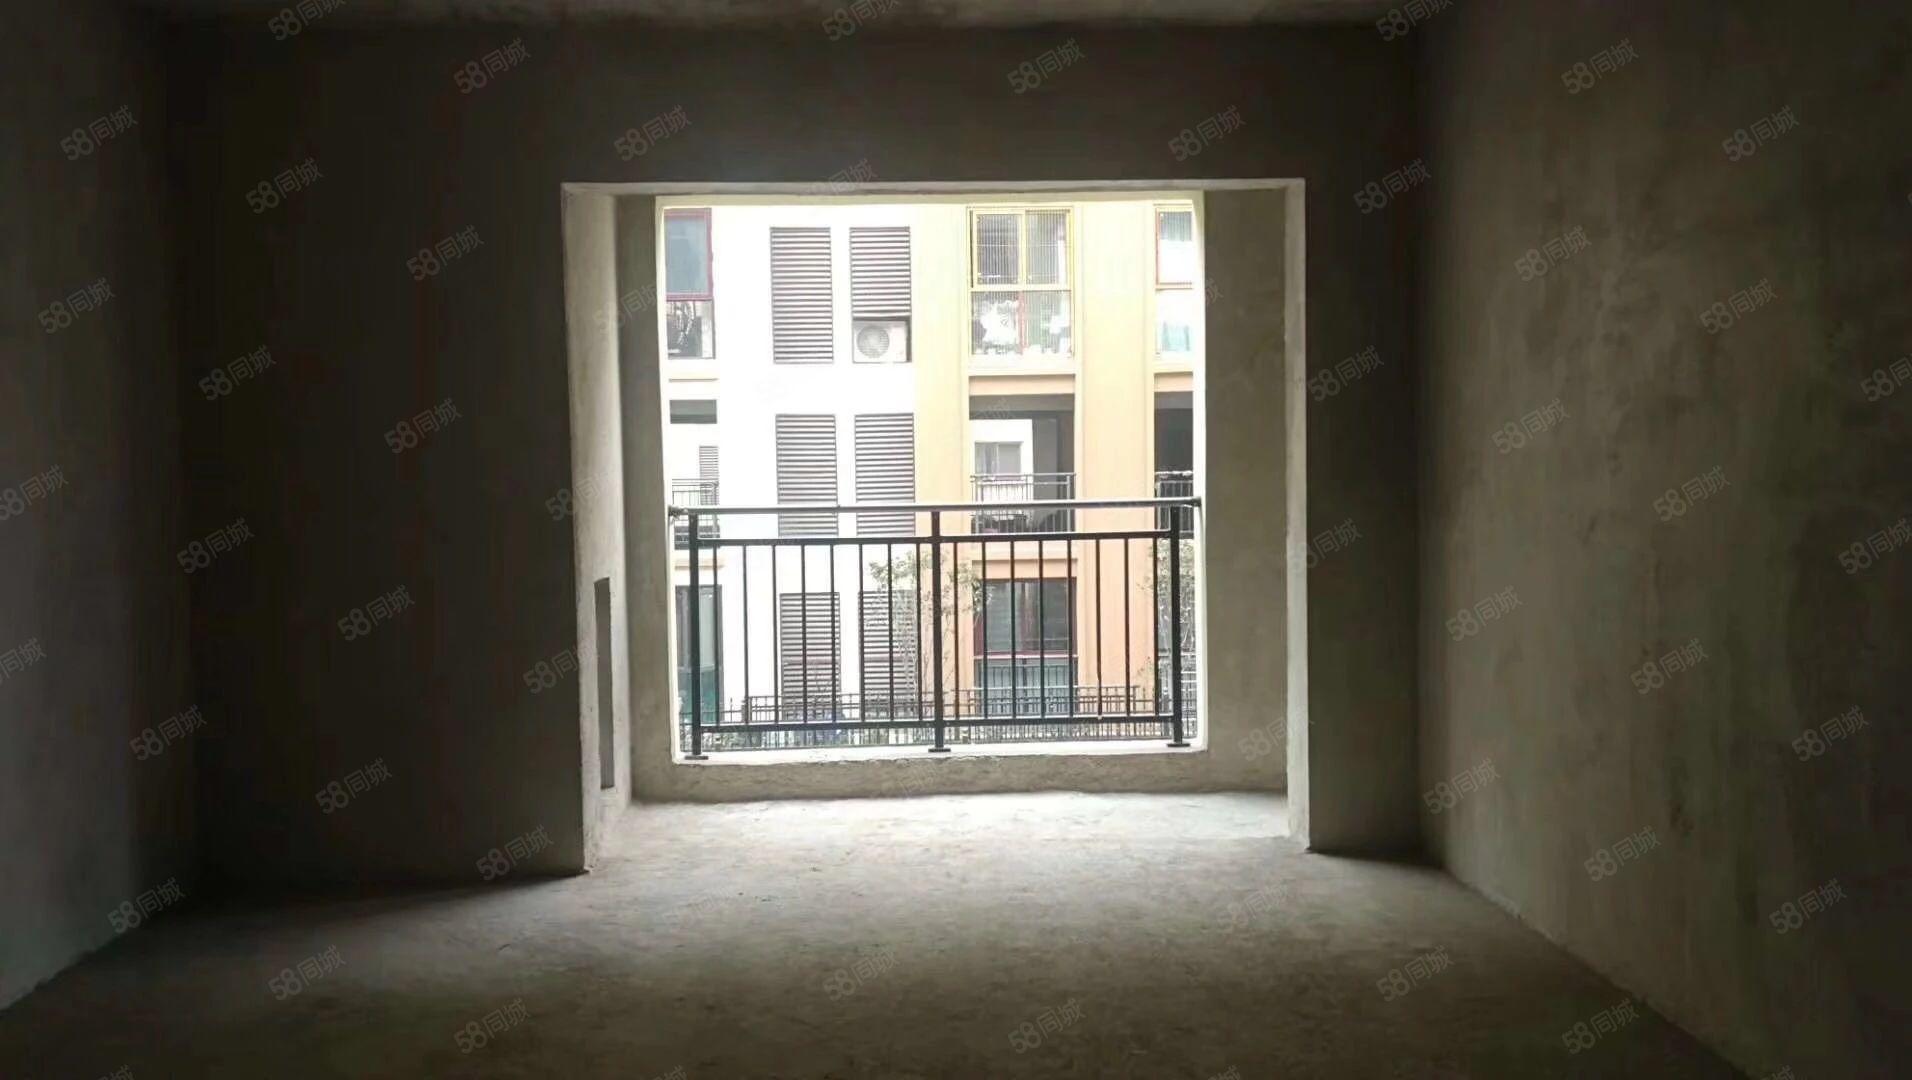 急卖急卖仁山公园带车位一起卖4个房间现房可马上装修入